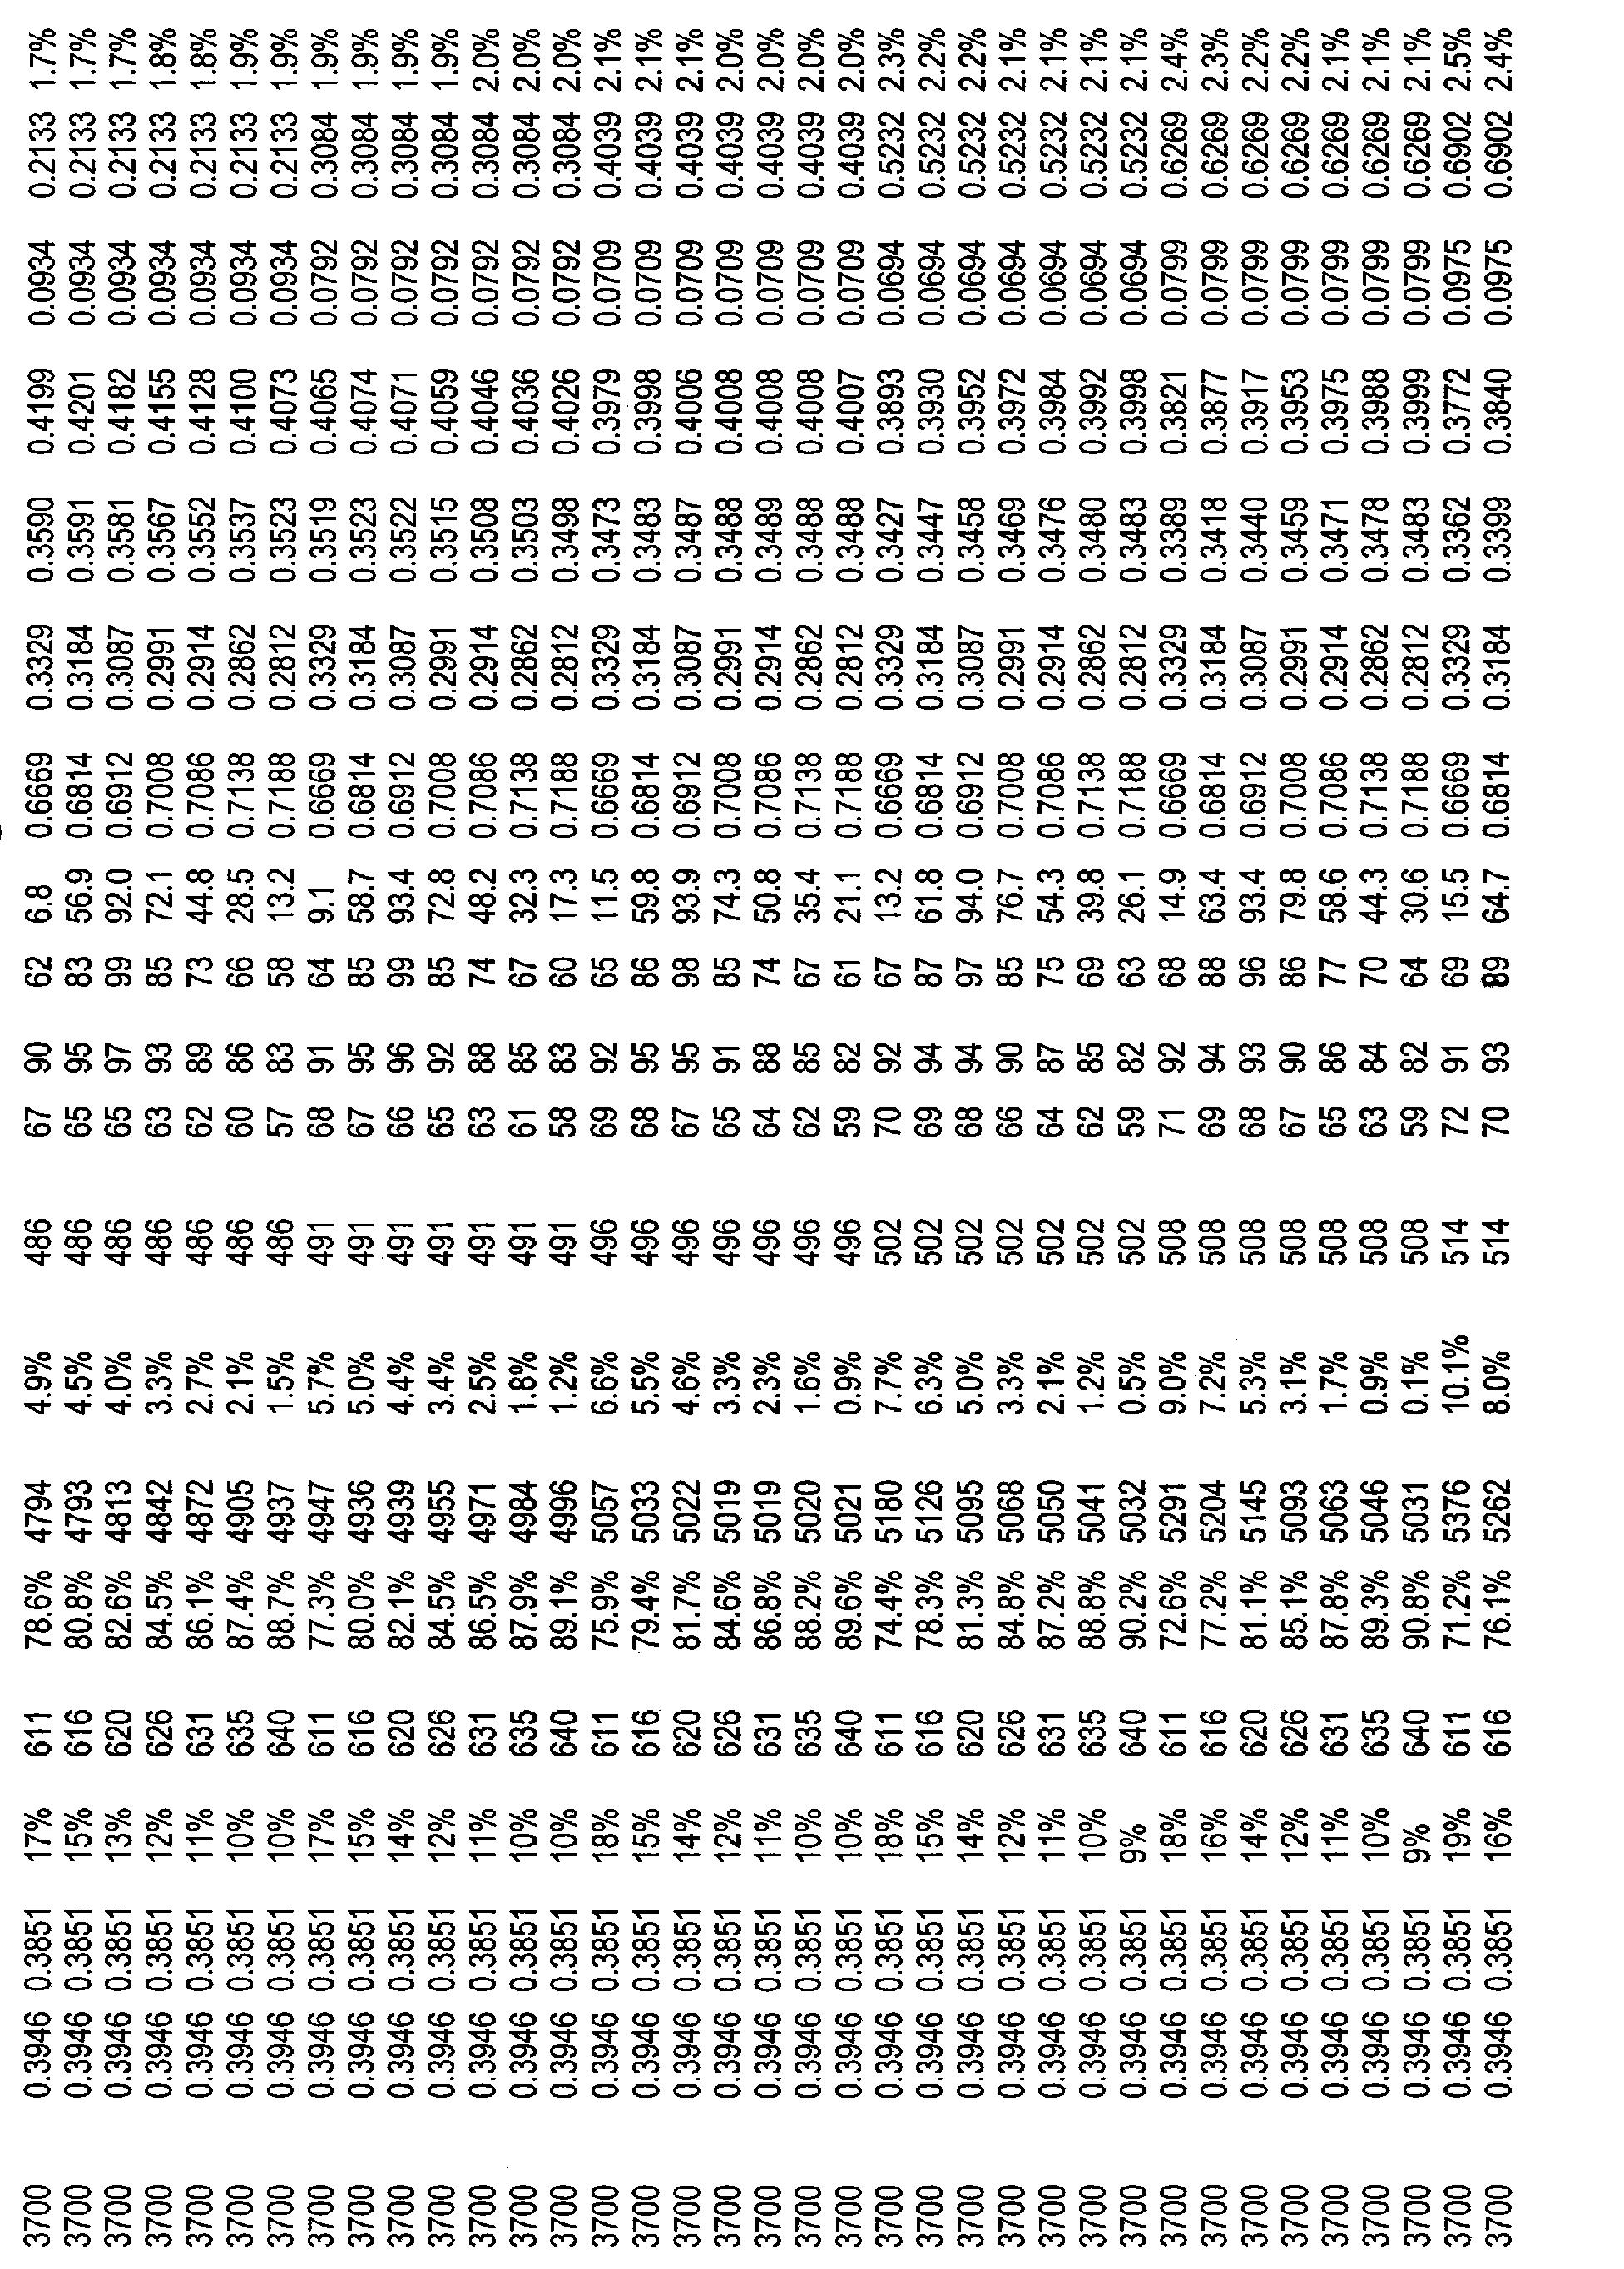 Figure CN101821544BD00991